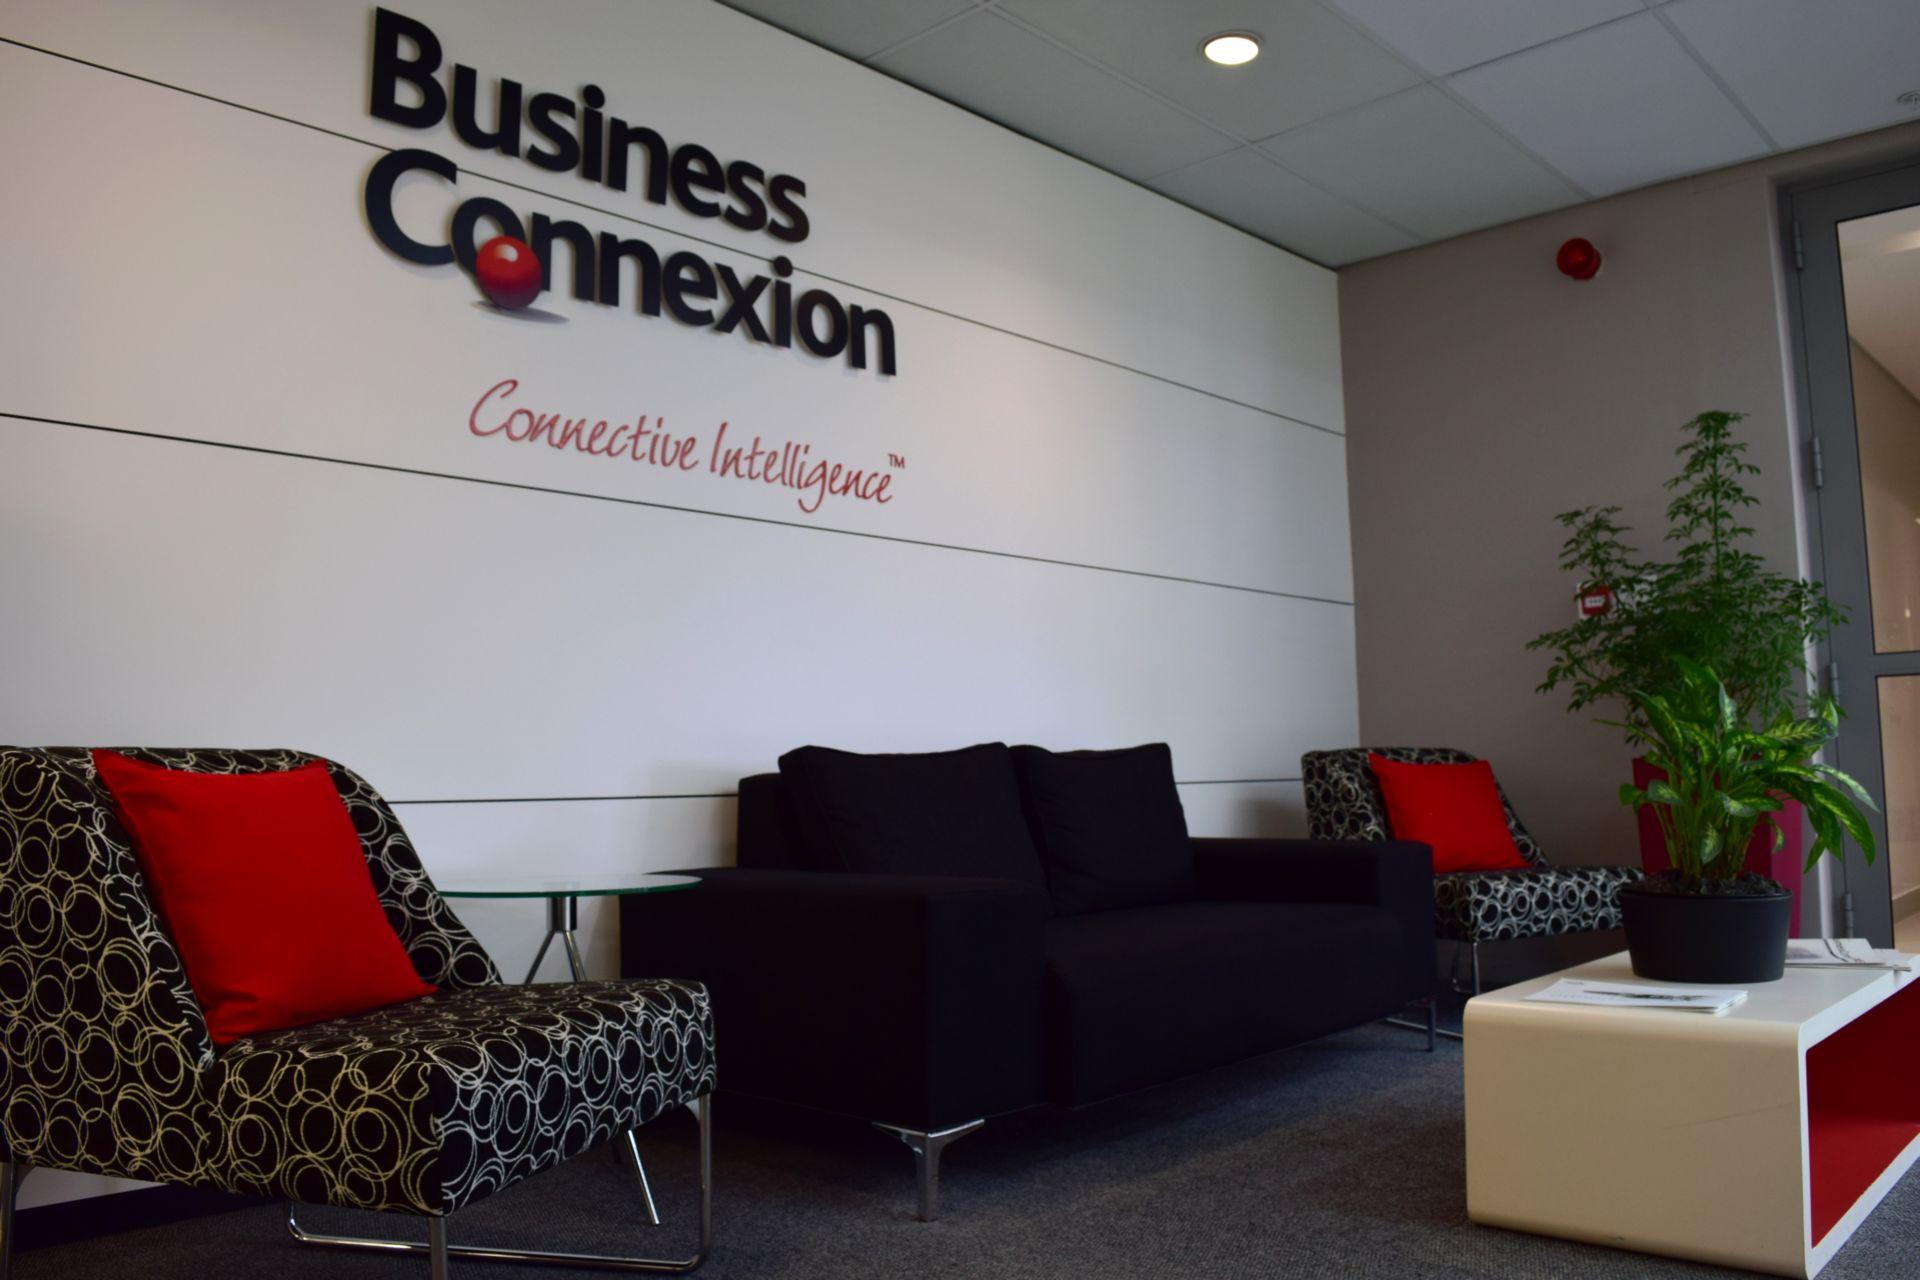 Business Connexion 8